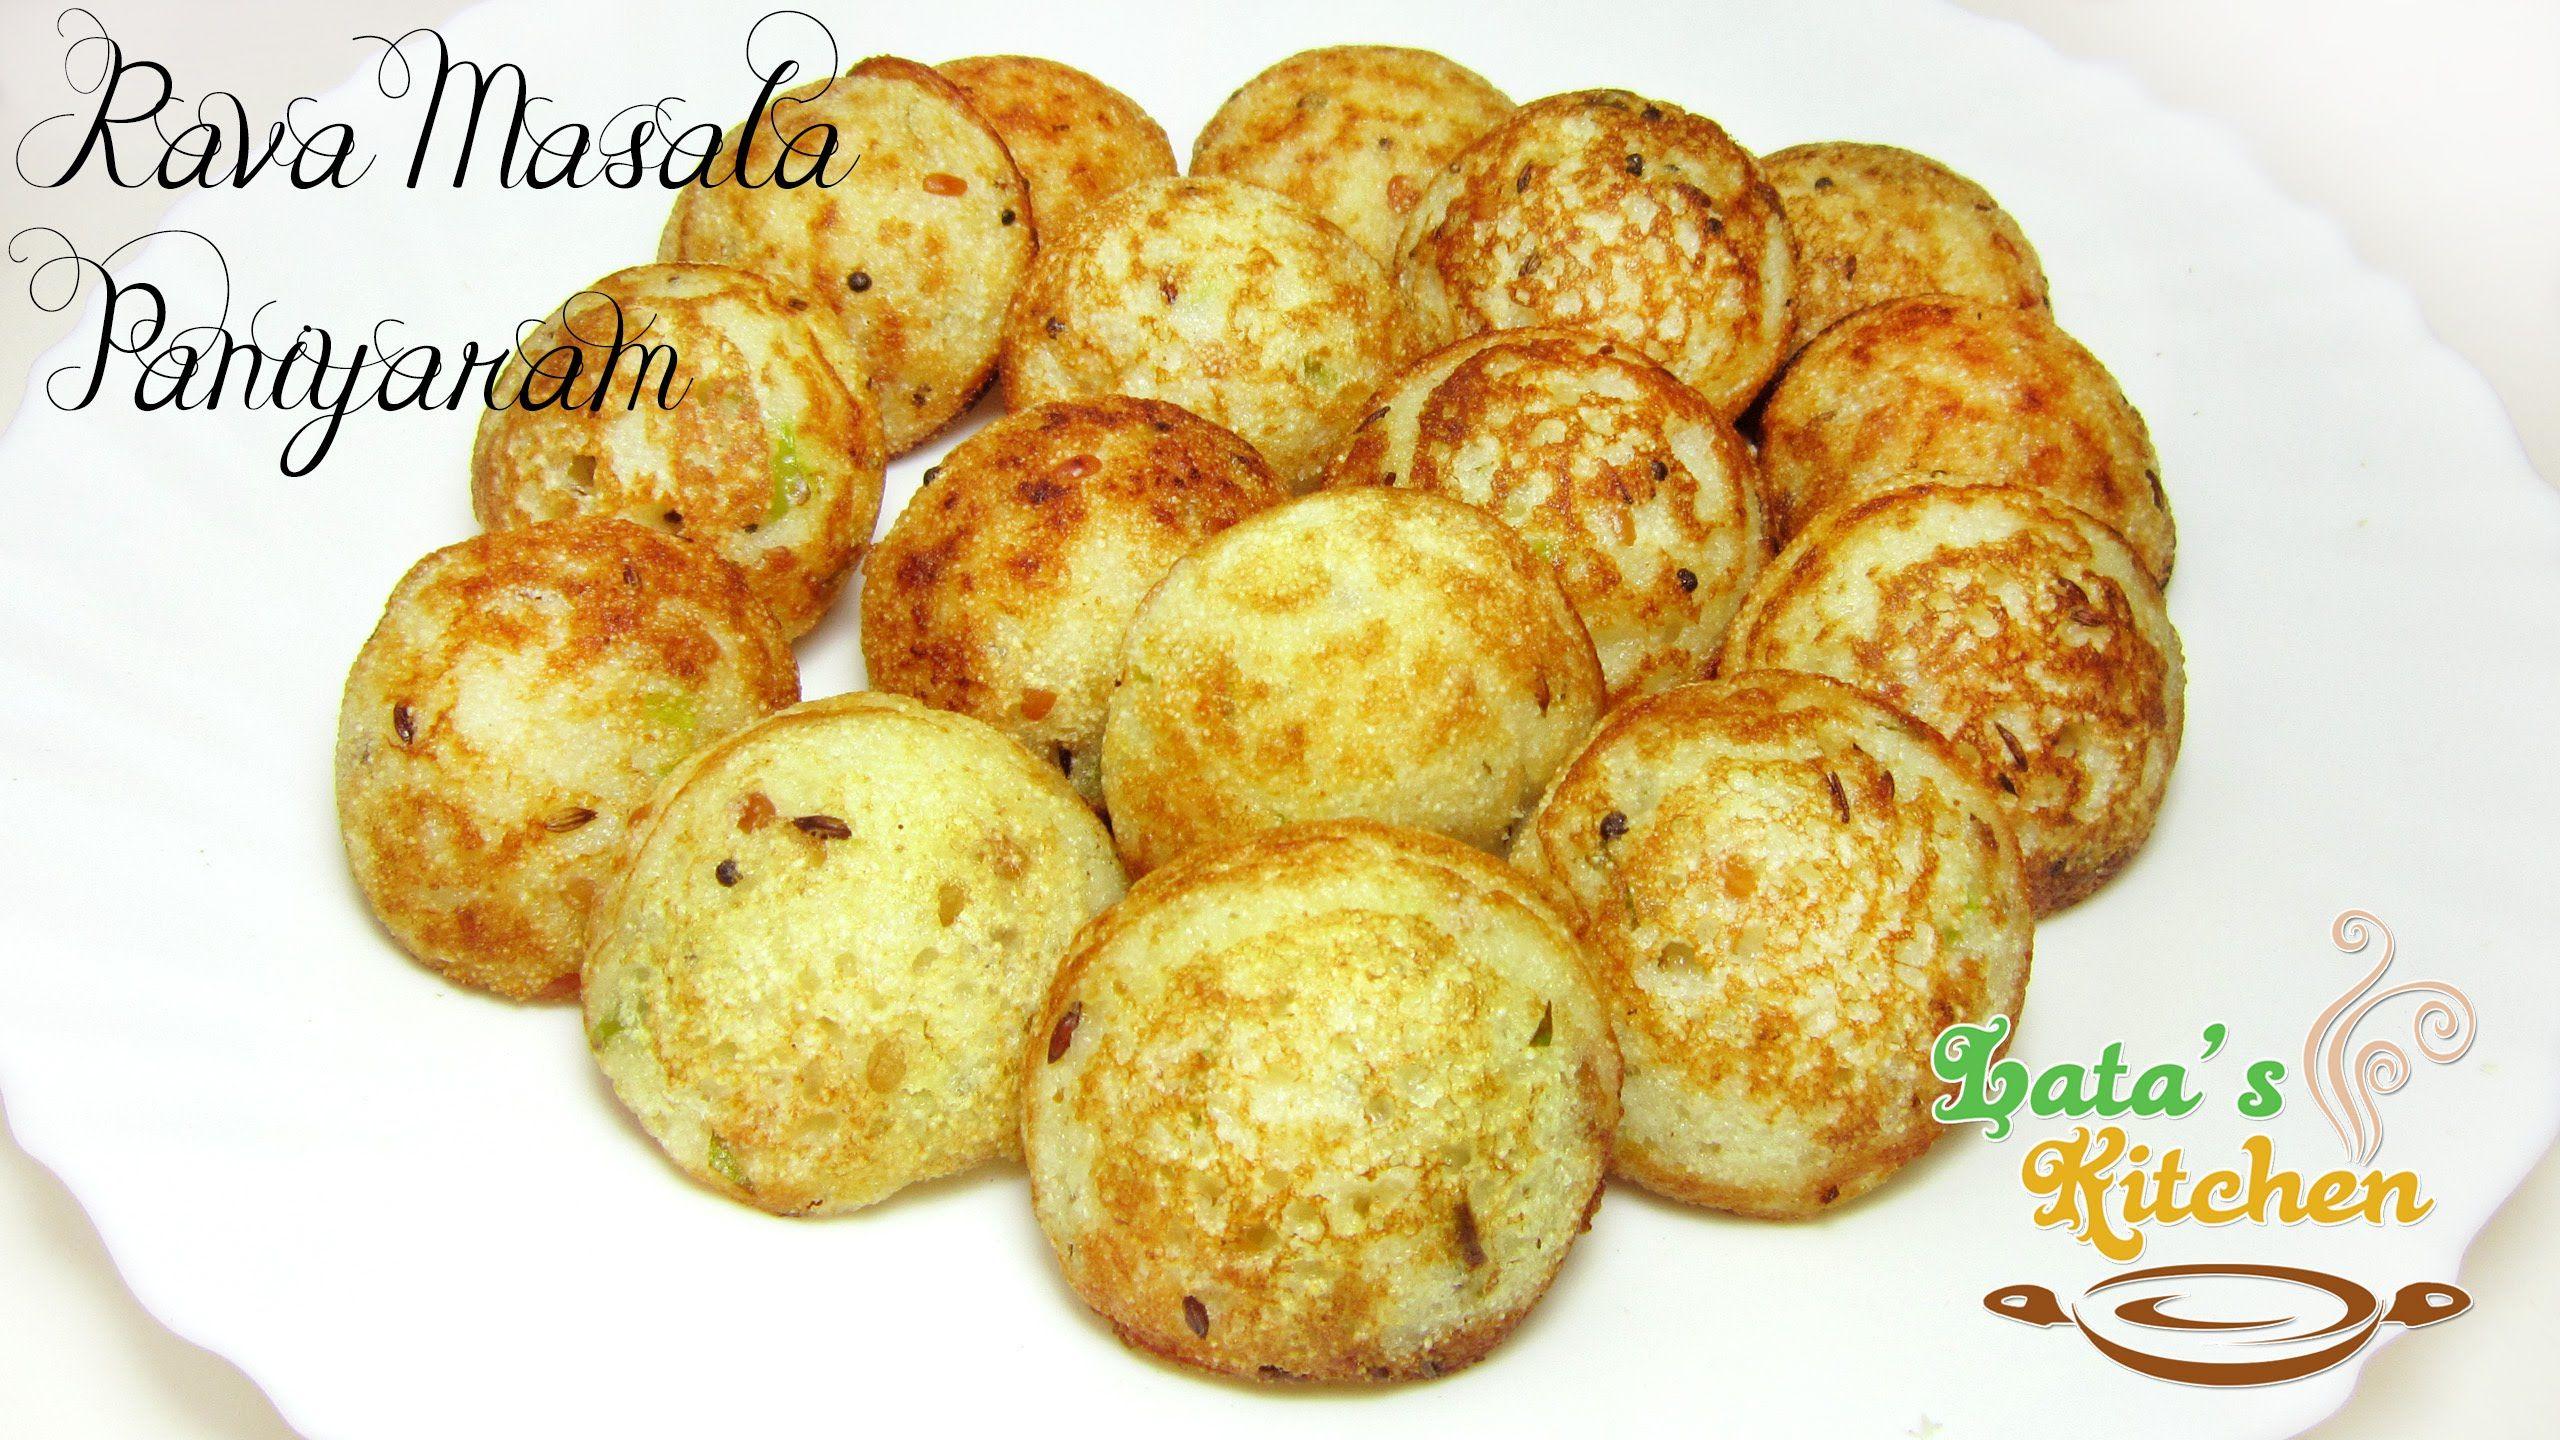 Paniyaram appe rava masala paniyaram indian vegetarian recipe paniyaram appe rava masala paniyaram indian vegetarian recipe in hindi with english subtitles forumfinder Image collections